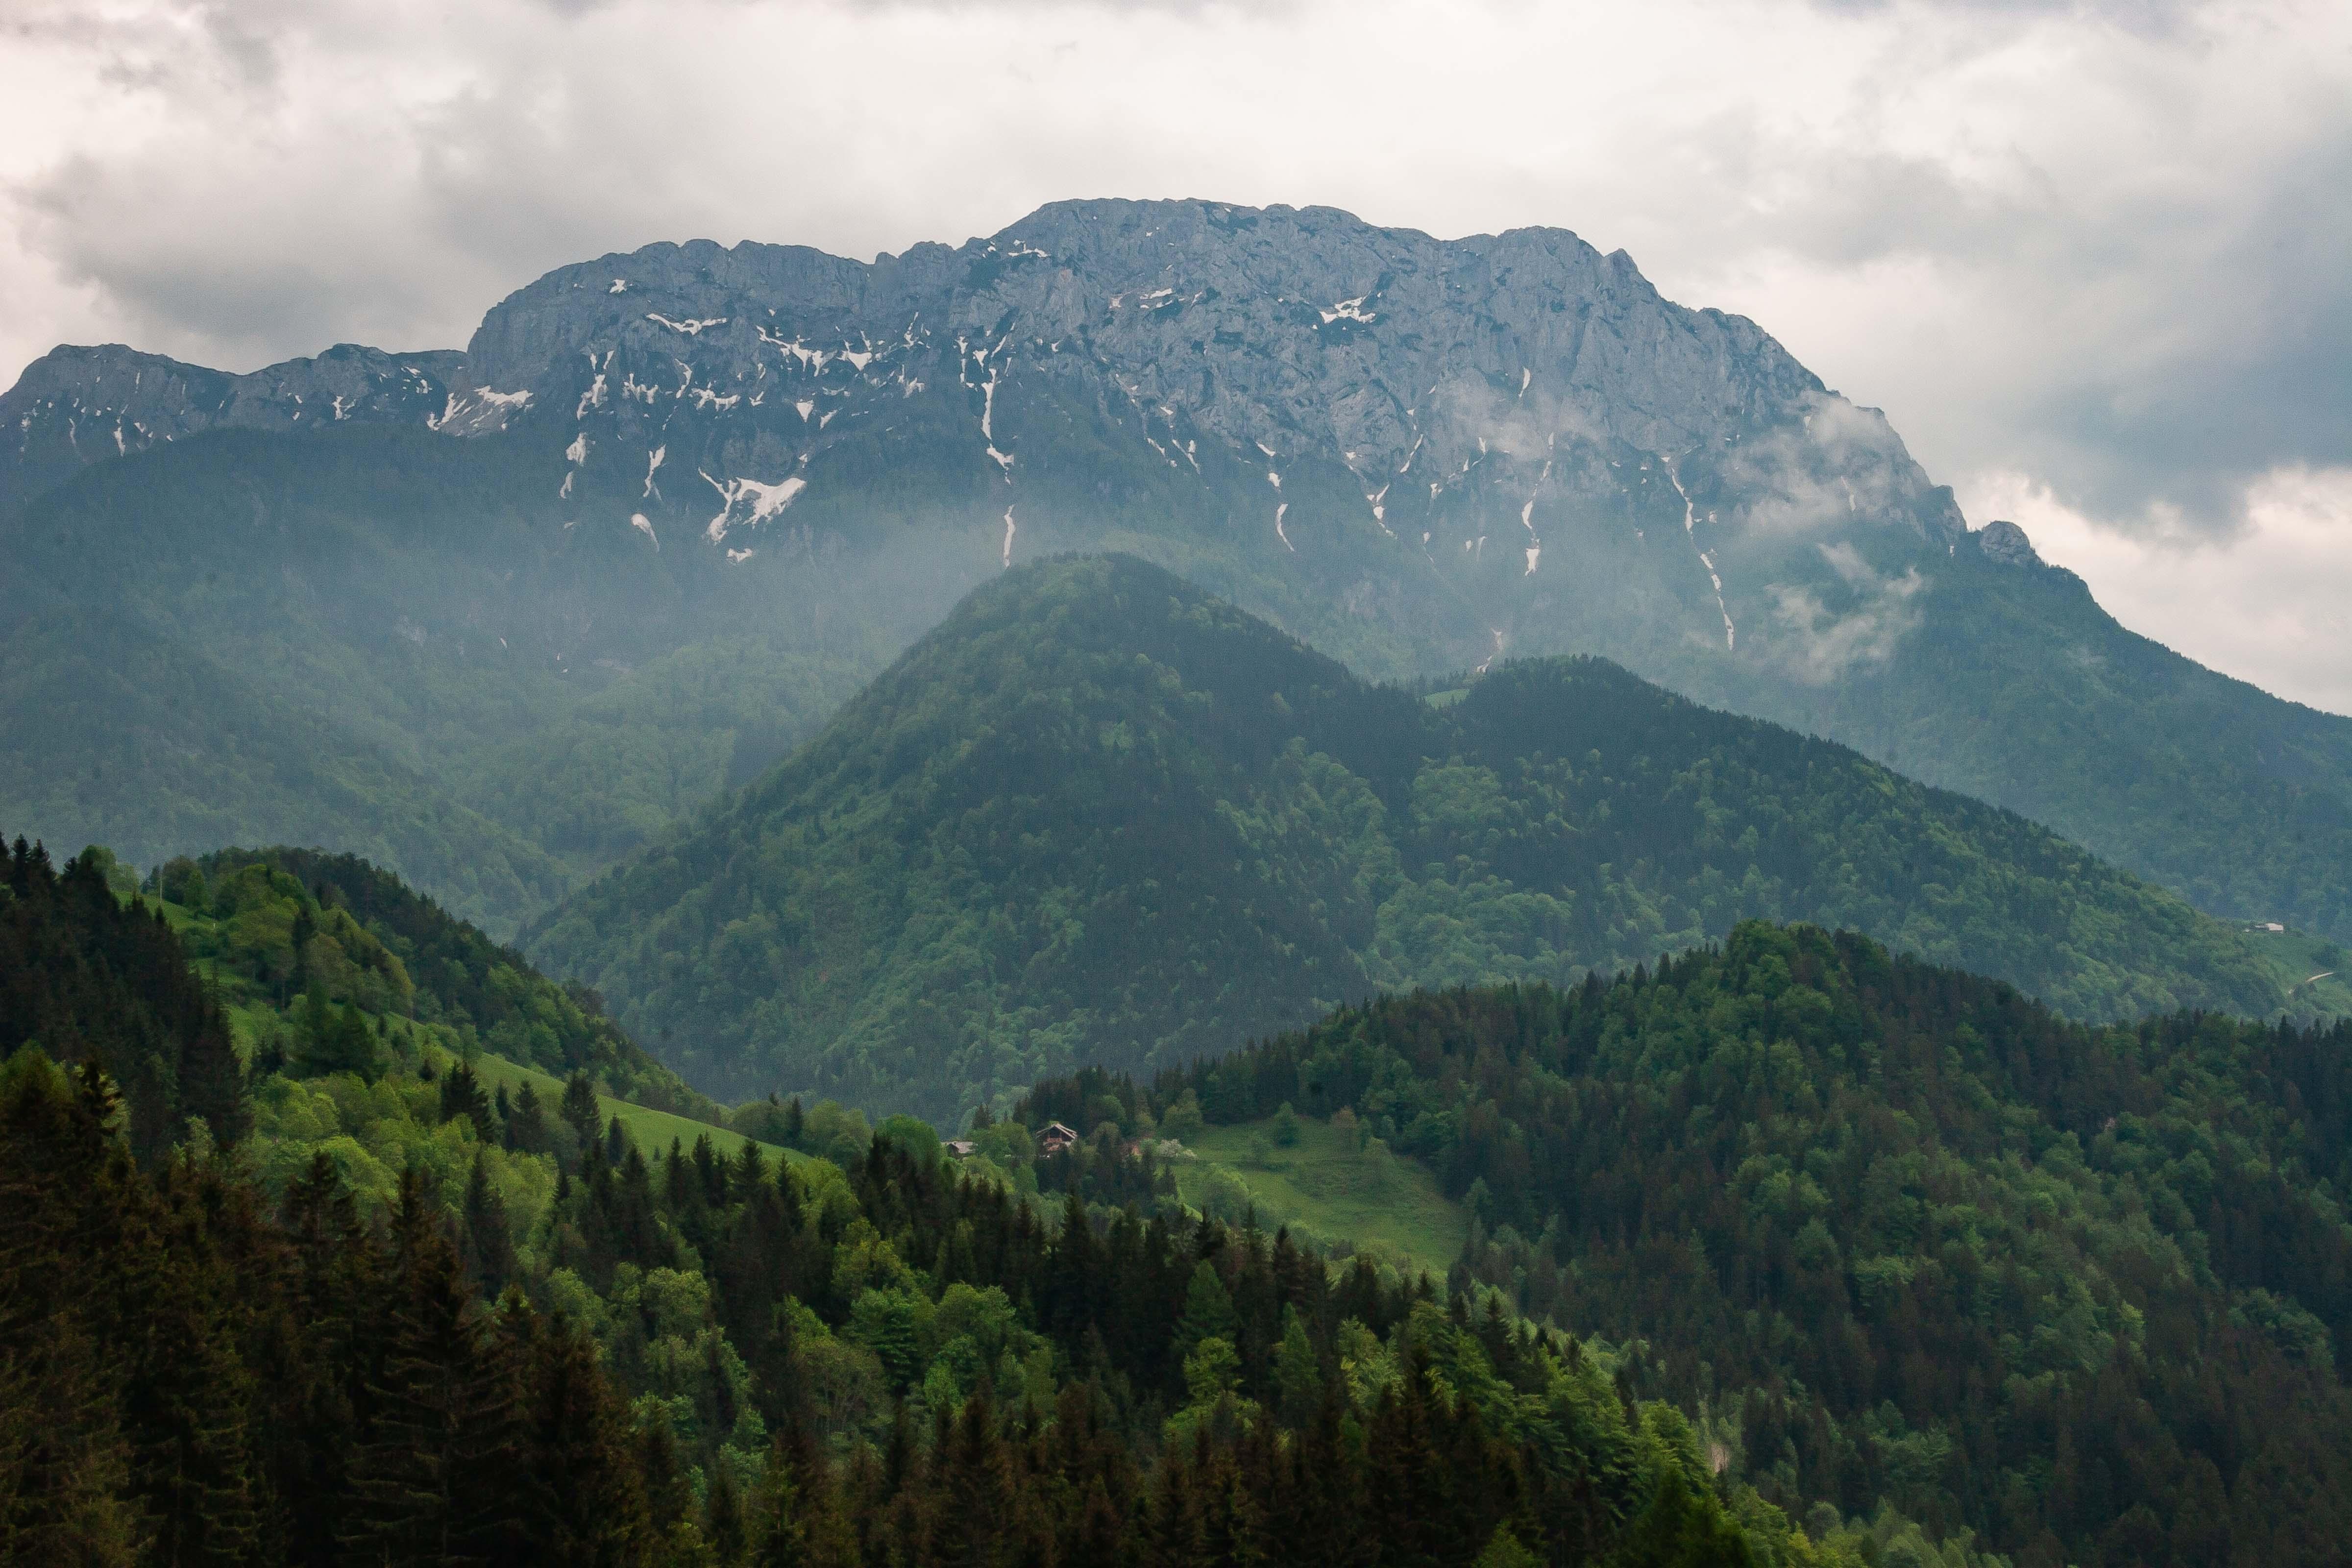 Slovenia, Solcava Prov, Mountain Landscape, 2006, IMG 8410